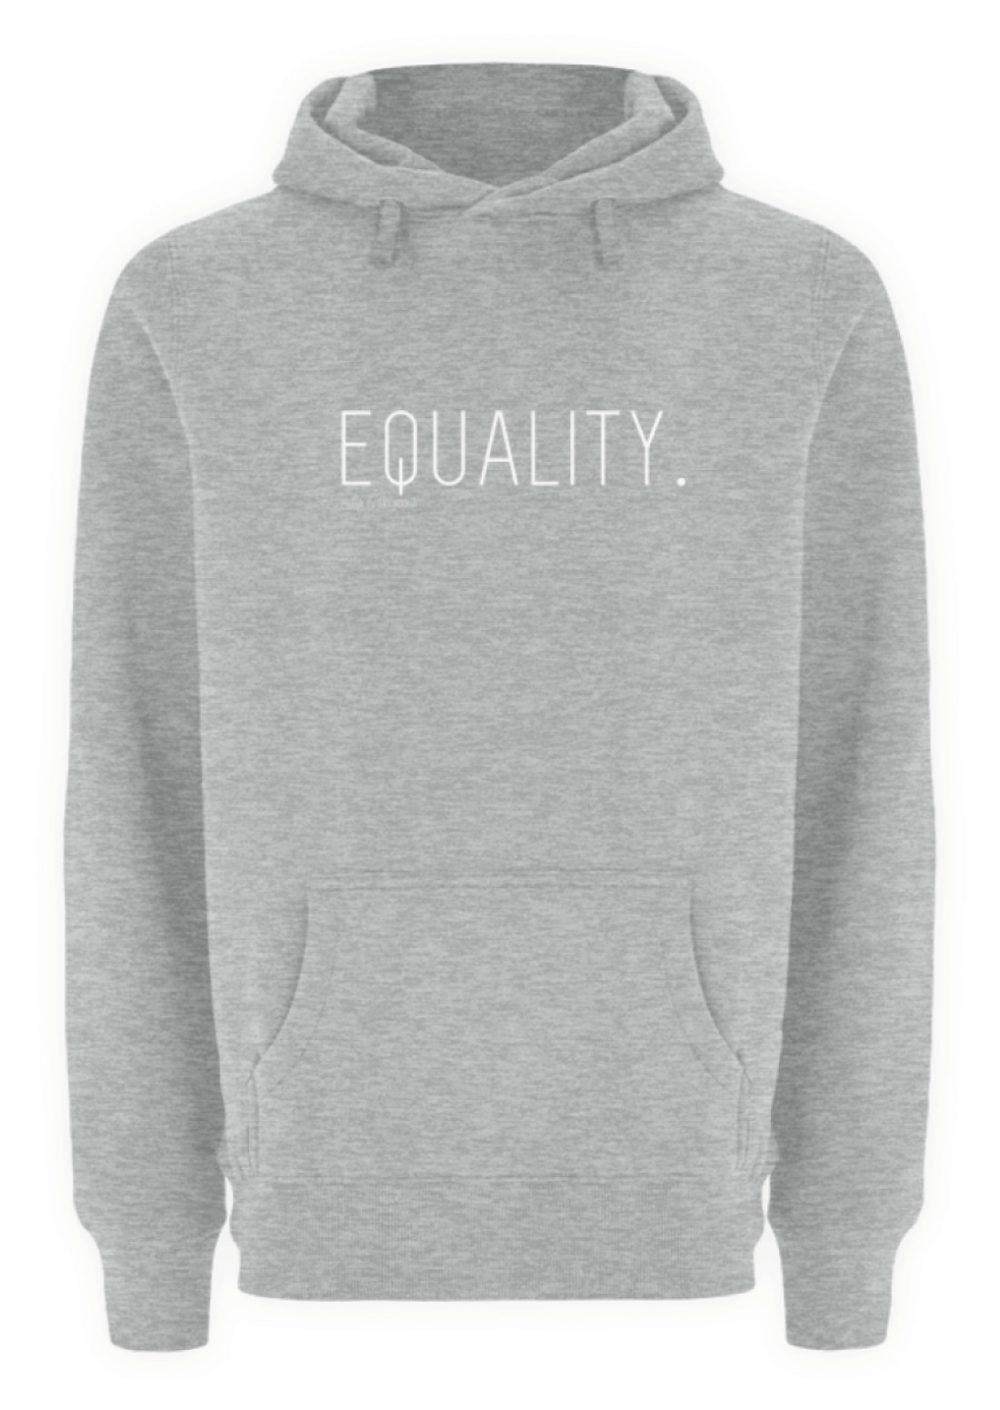 EQUALITY. - Unisex Premium Kapuzenpullover-6807